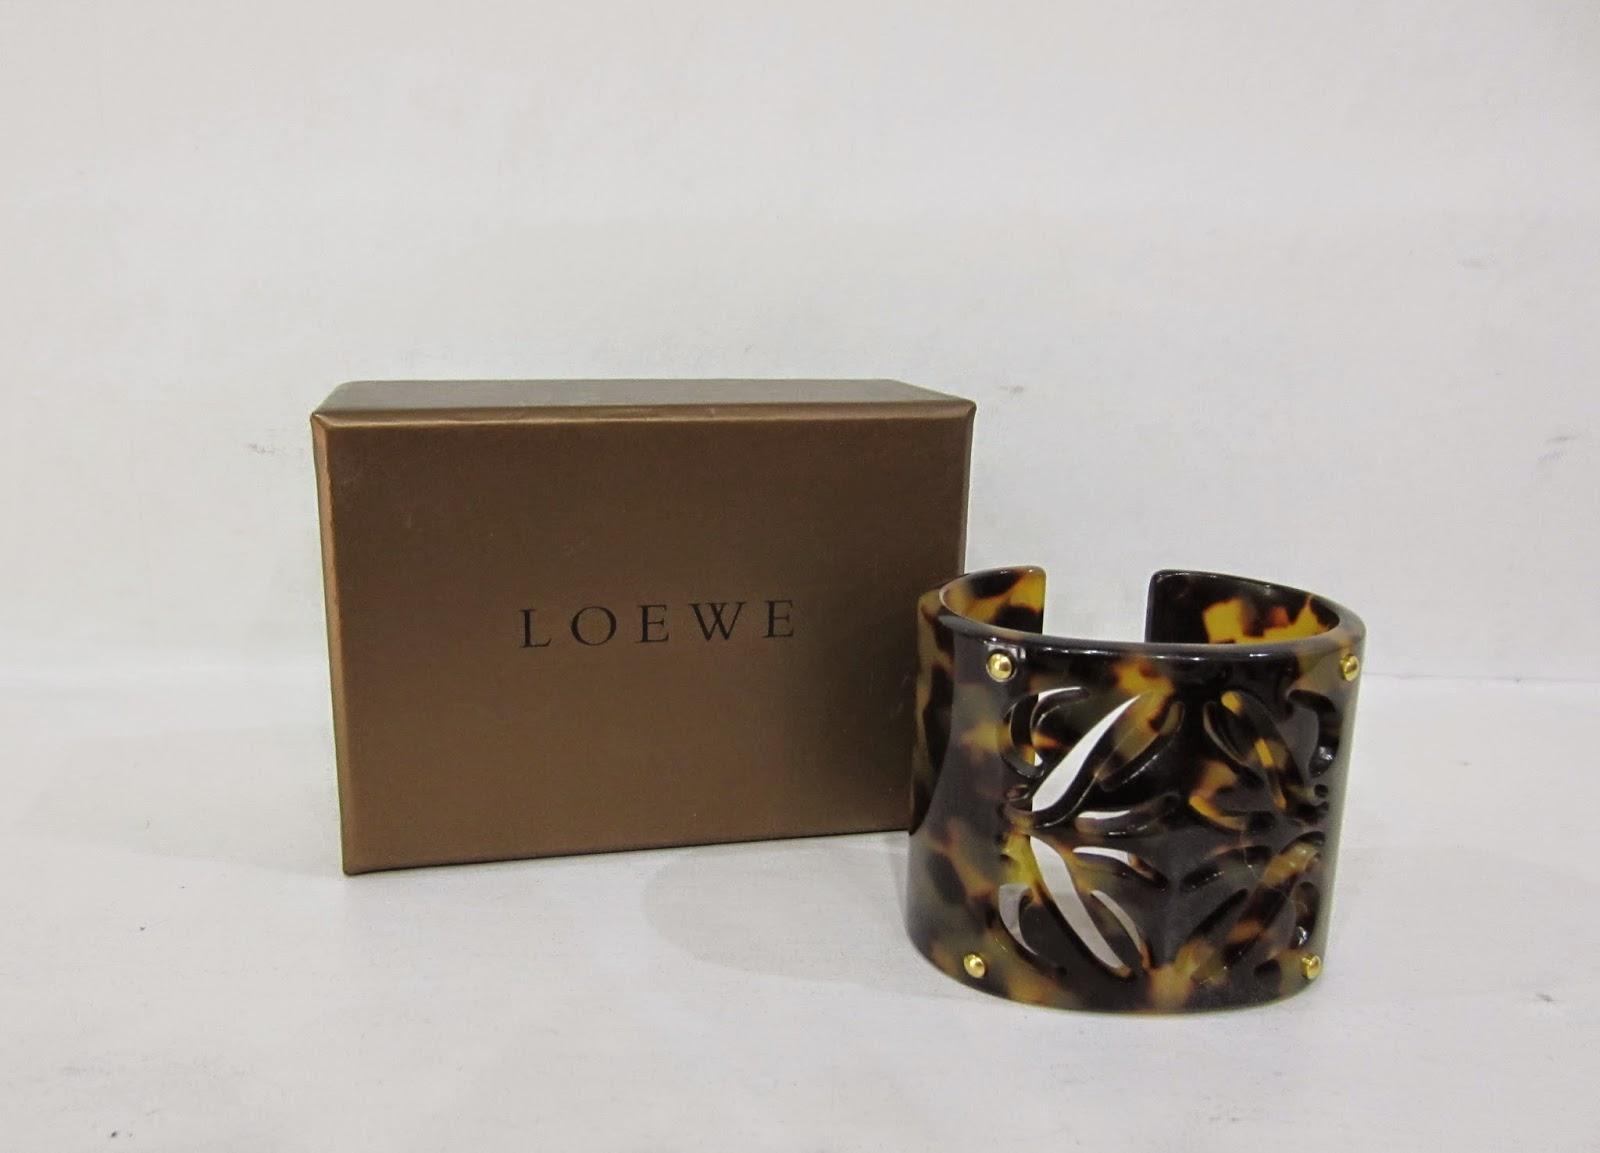 Loewe Resin Cuff